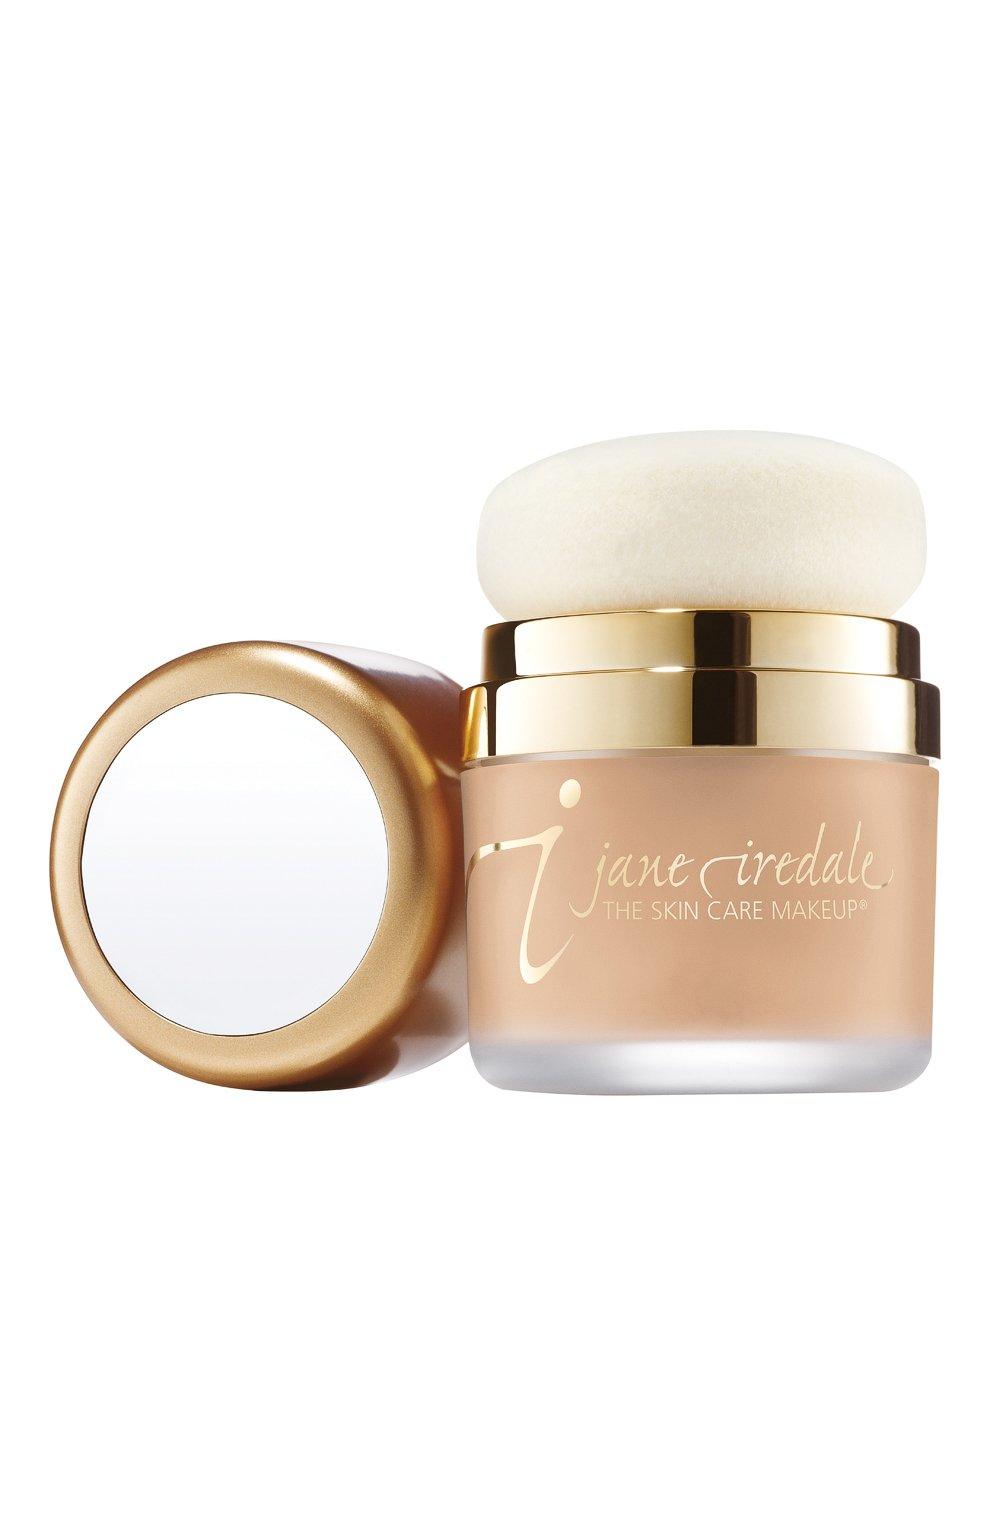 Женская защитная пудра powder me spf 30, оттенок nude JANE IREDALE бесцветного цвета, арт. 670959113726   Фото 1